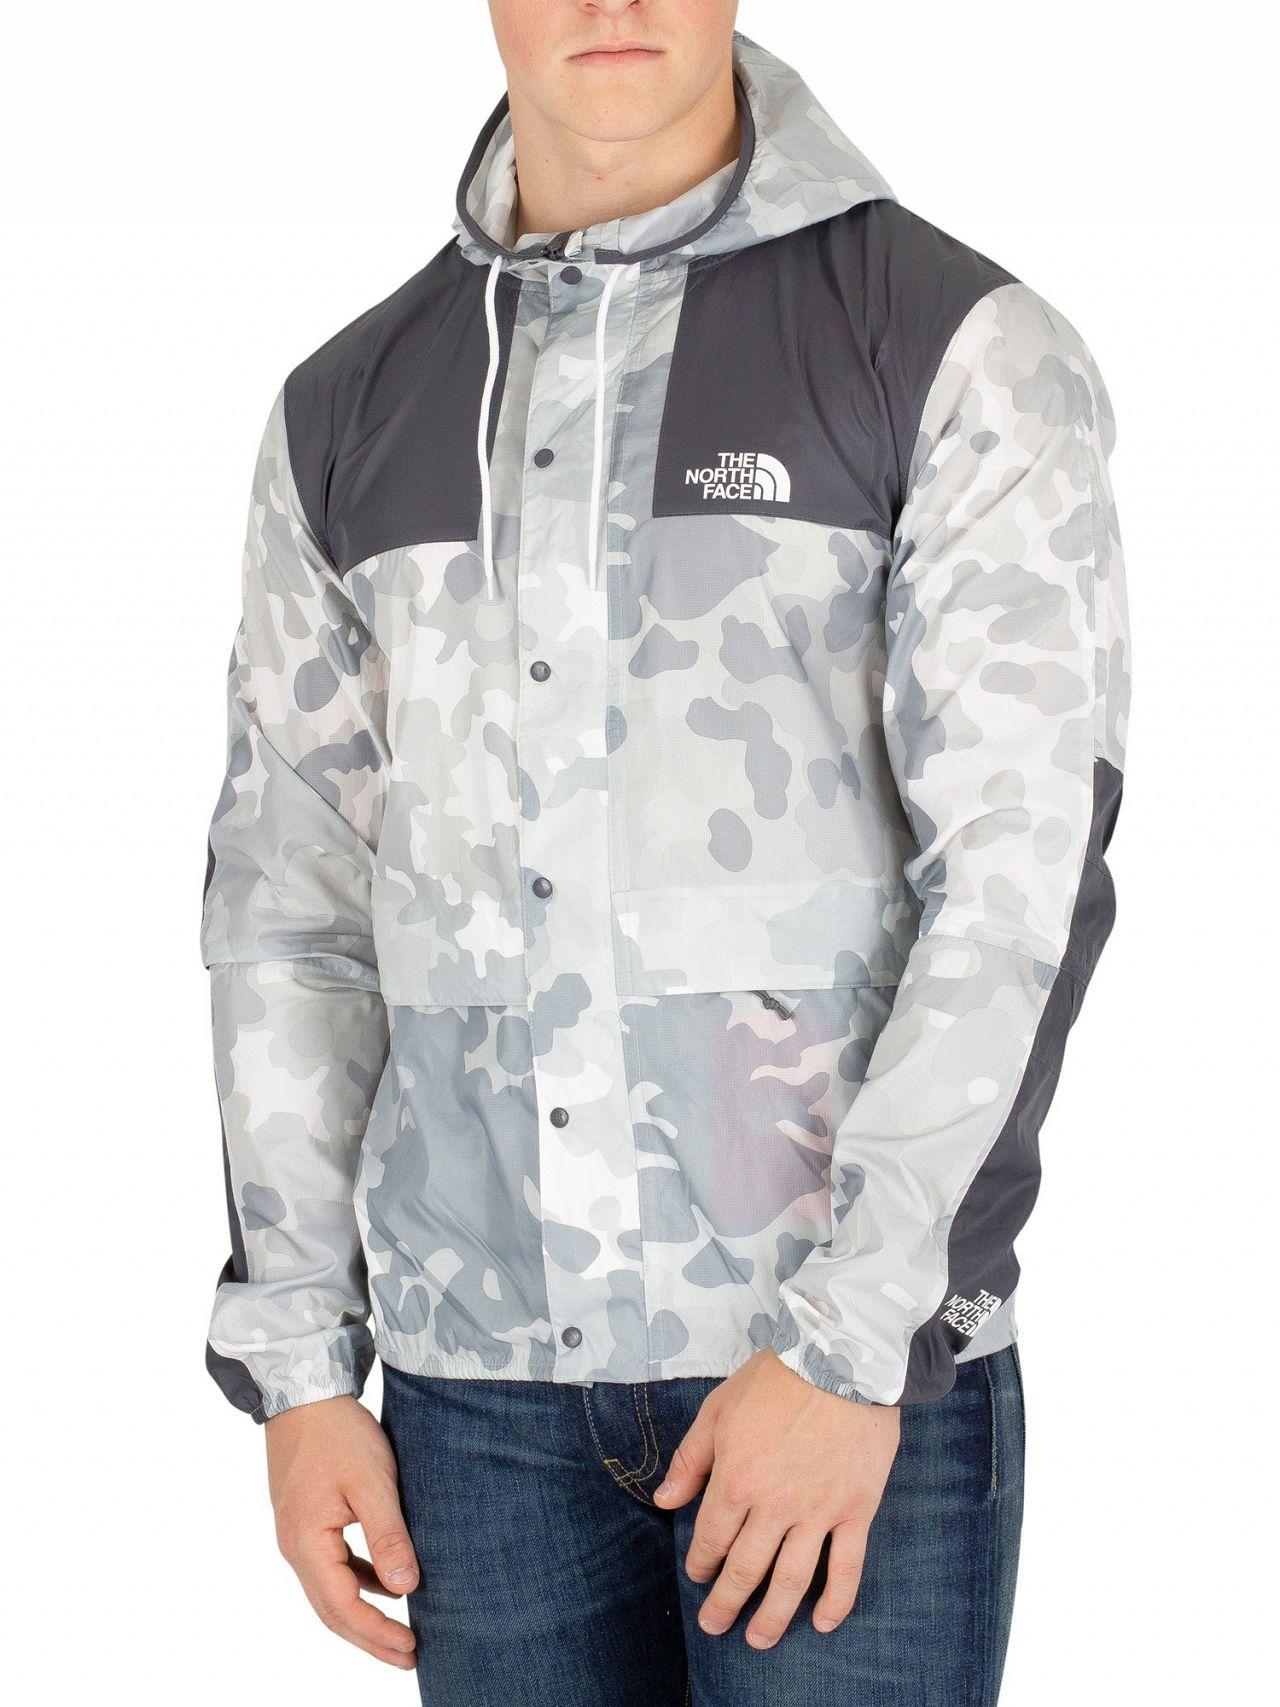 82893e77a The North Face Grey Camo 1985 Mountain Jacket